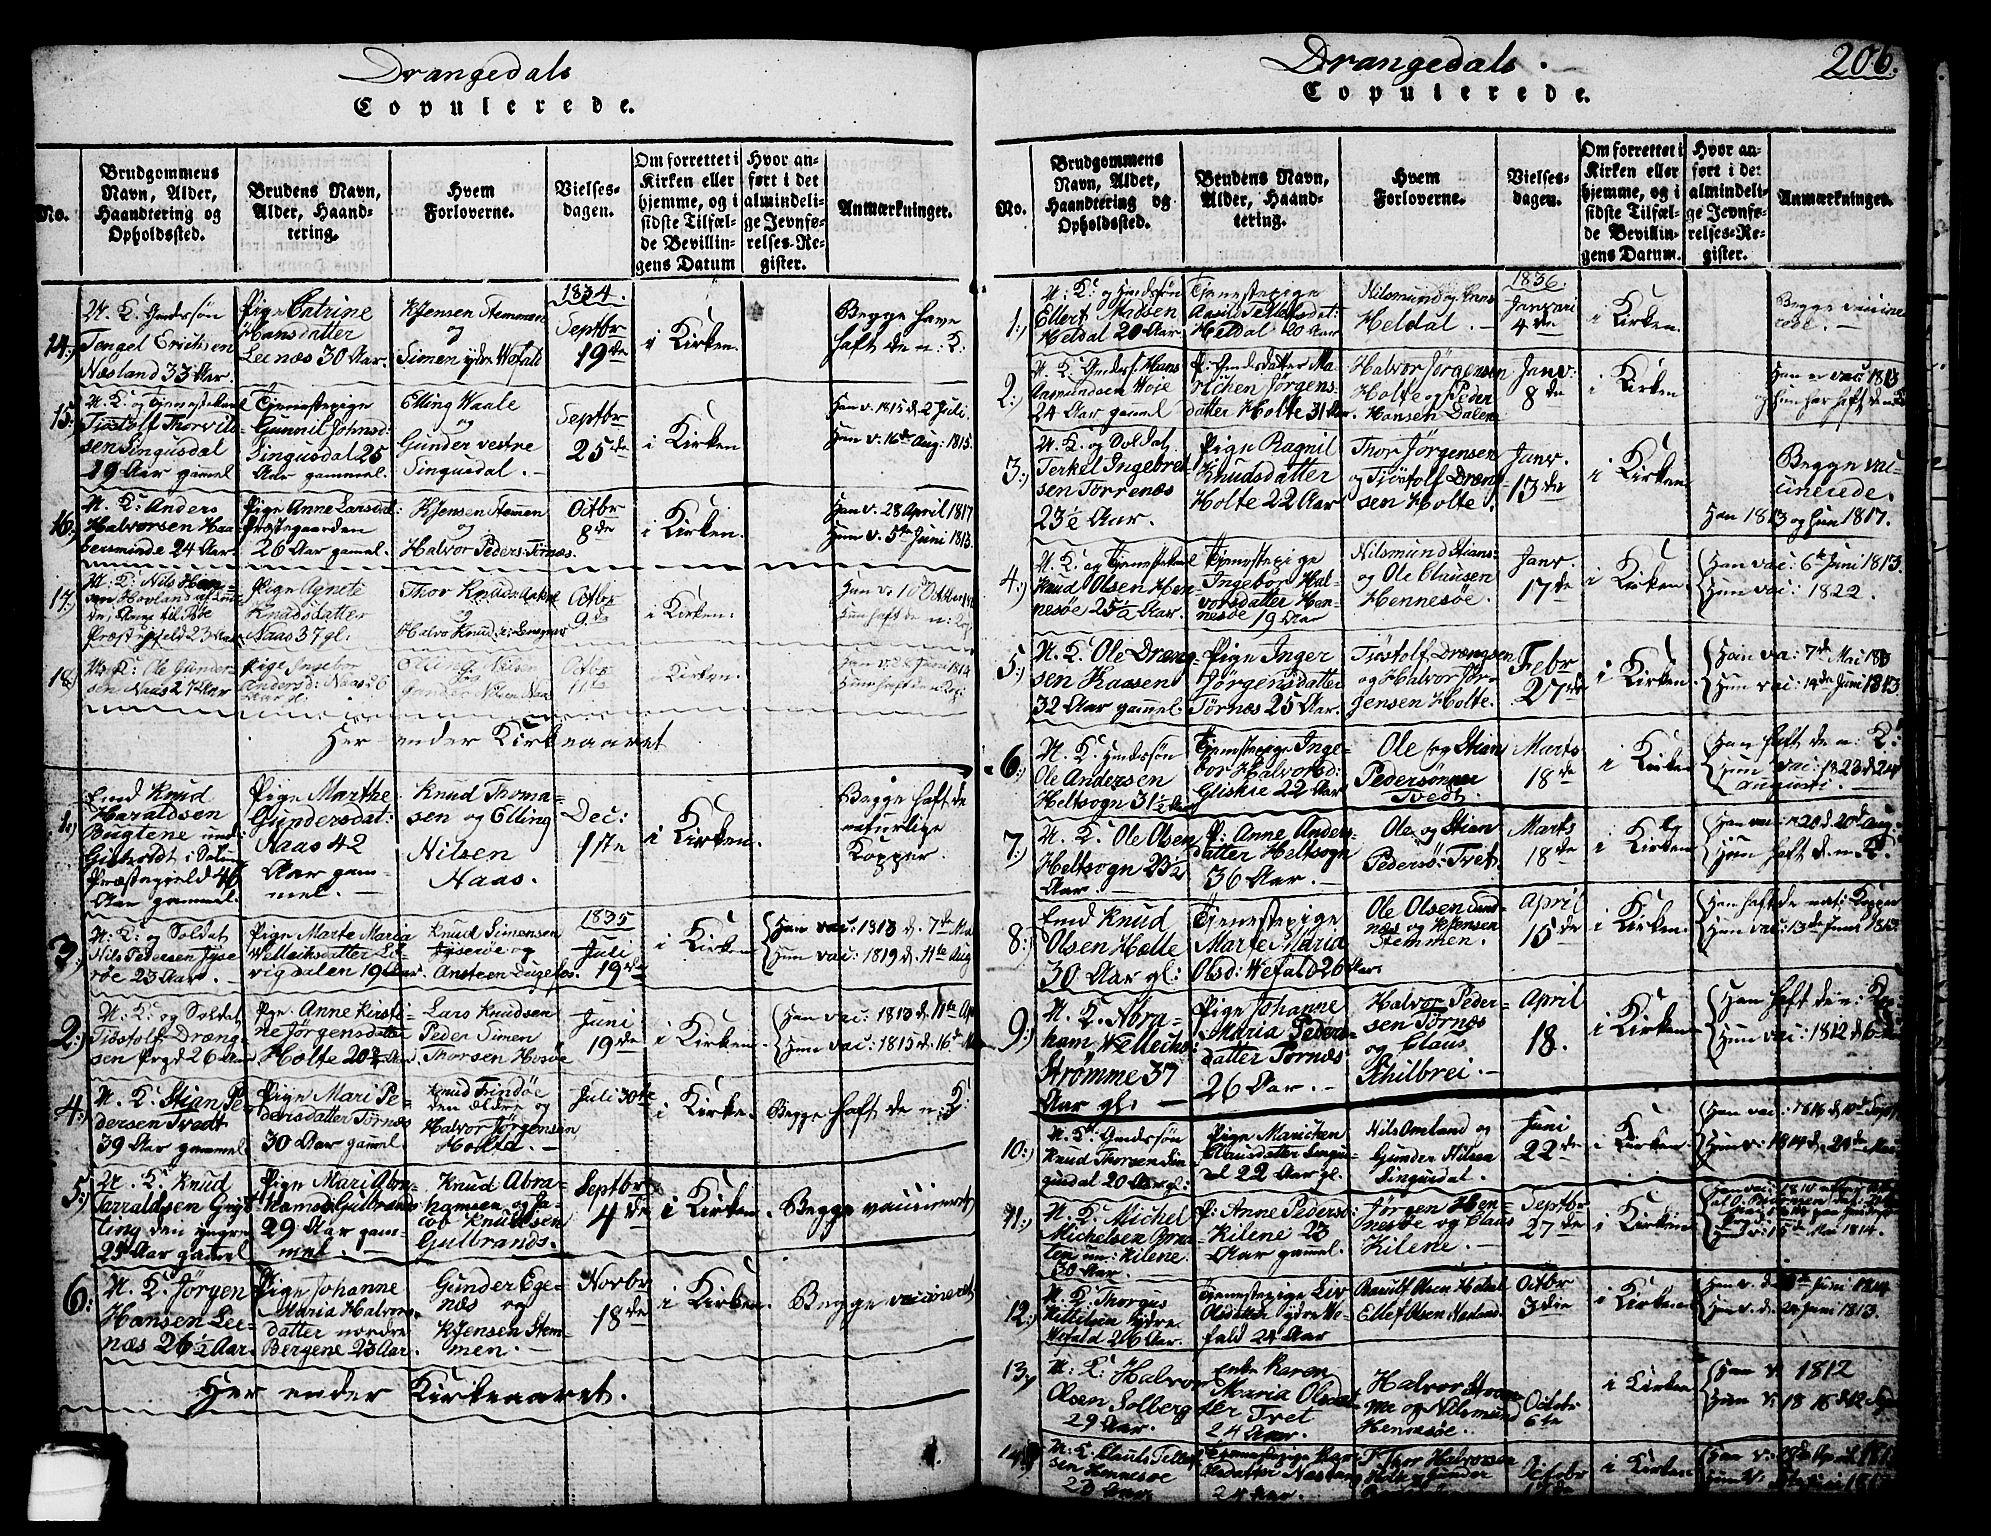 SAKO, Drangedal kirkebøker, G/Ga/L0001: Klokkerbok nr. I 1 /1, 1814-1856, s. 206